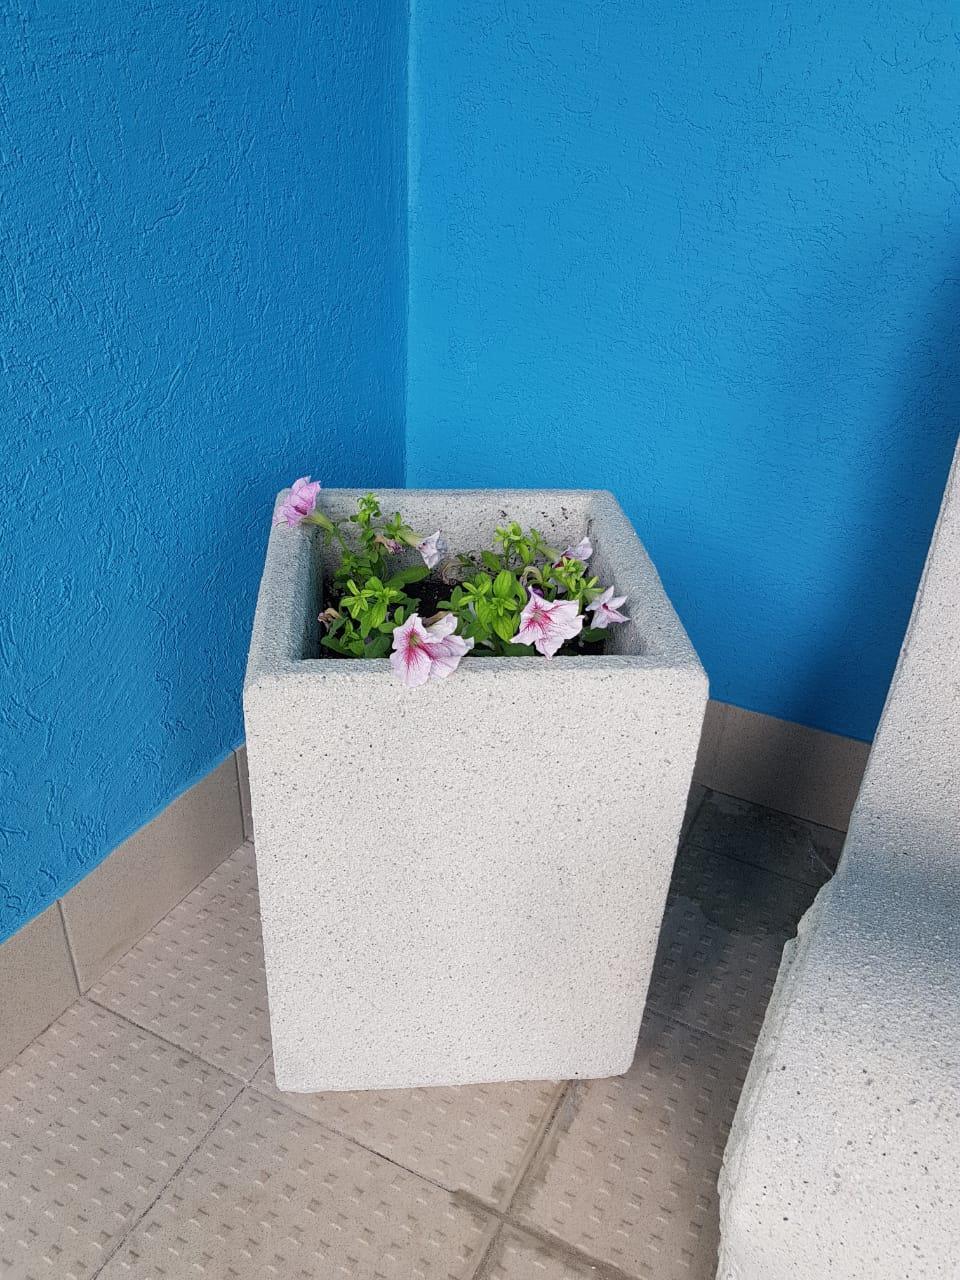 вазон уличный из бетона купить в самаре